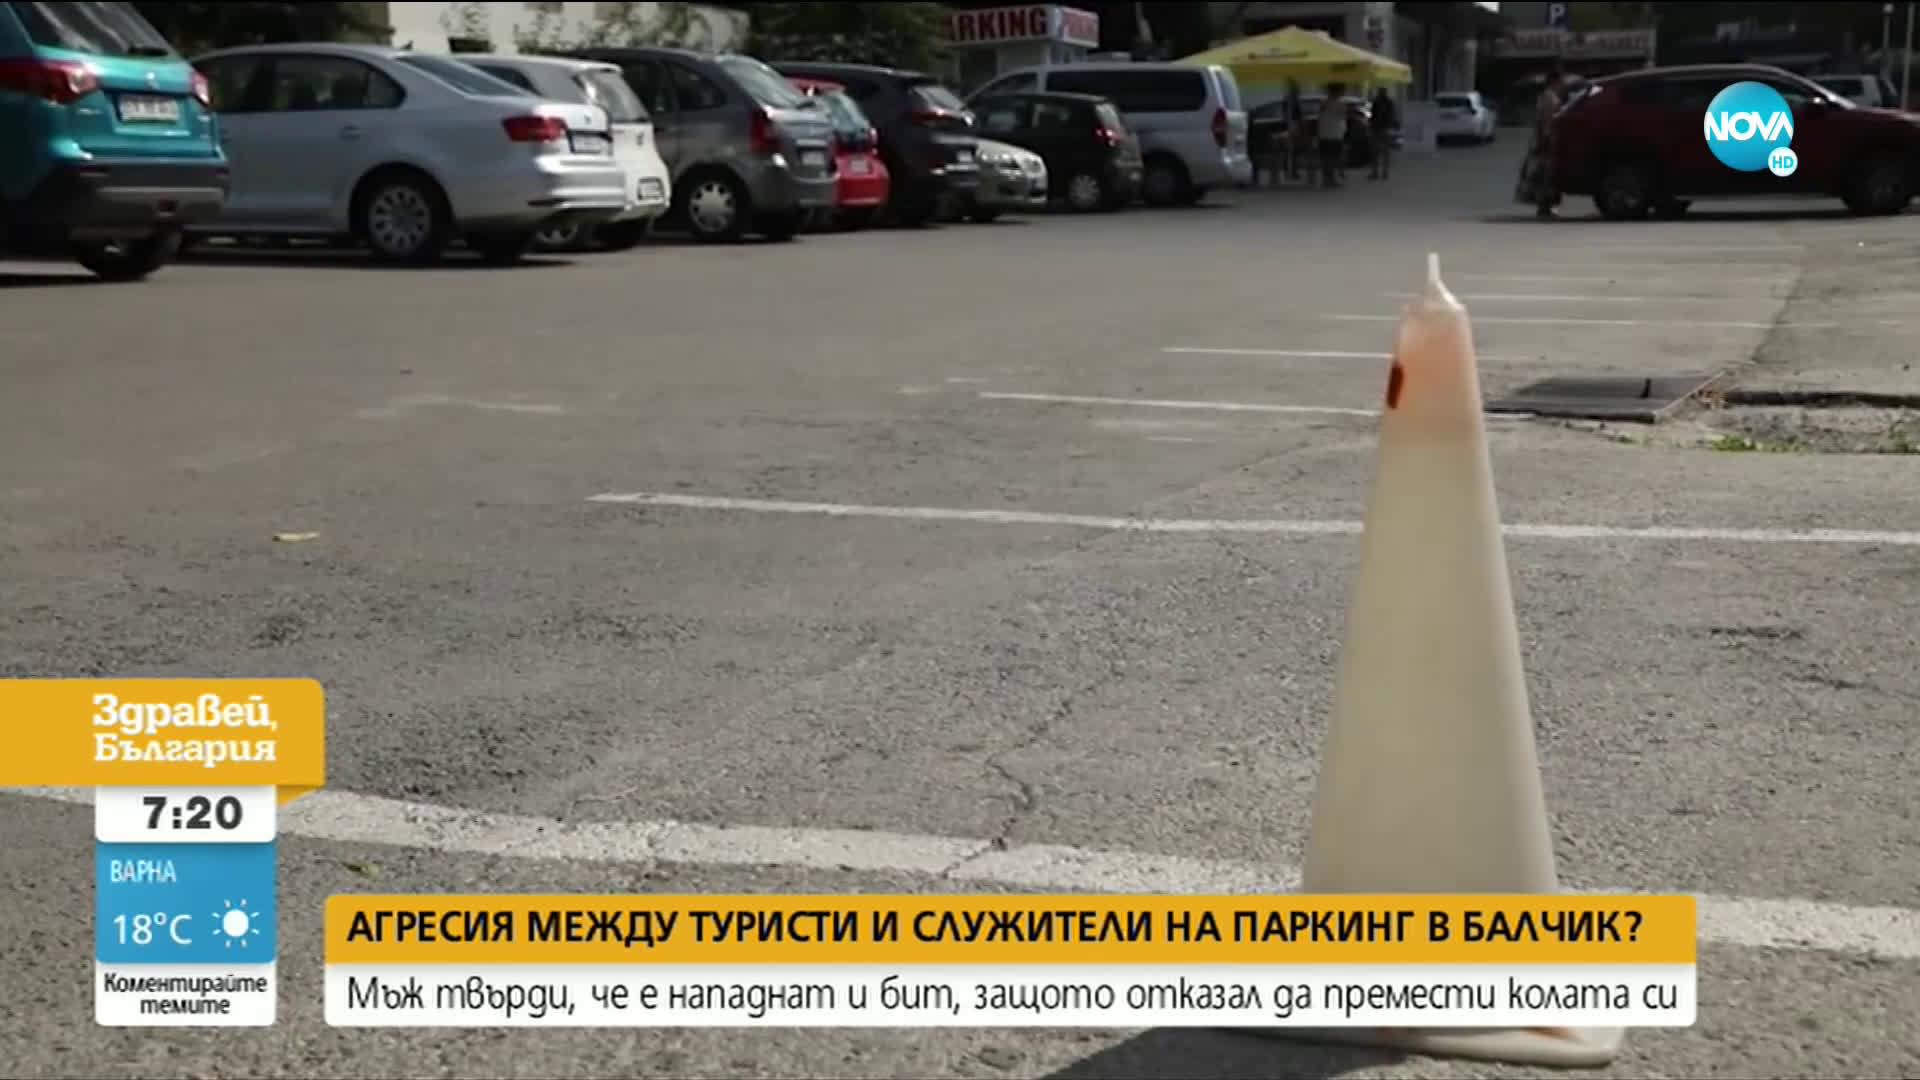 Мъж твърди, че е нападнат и бит от служители на паркинг в Балчик